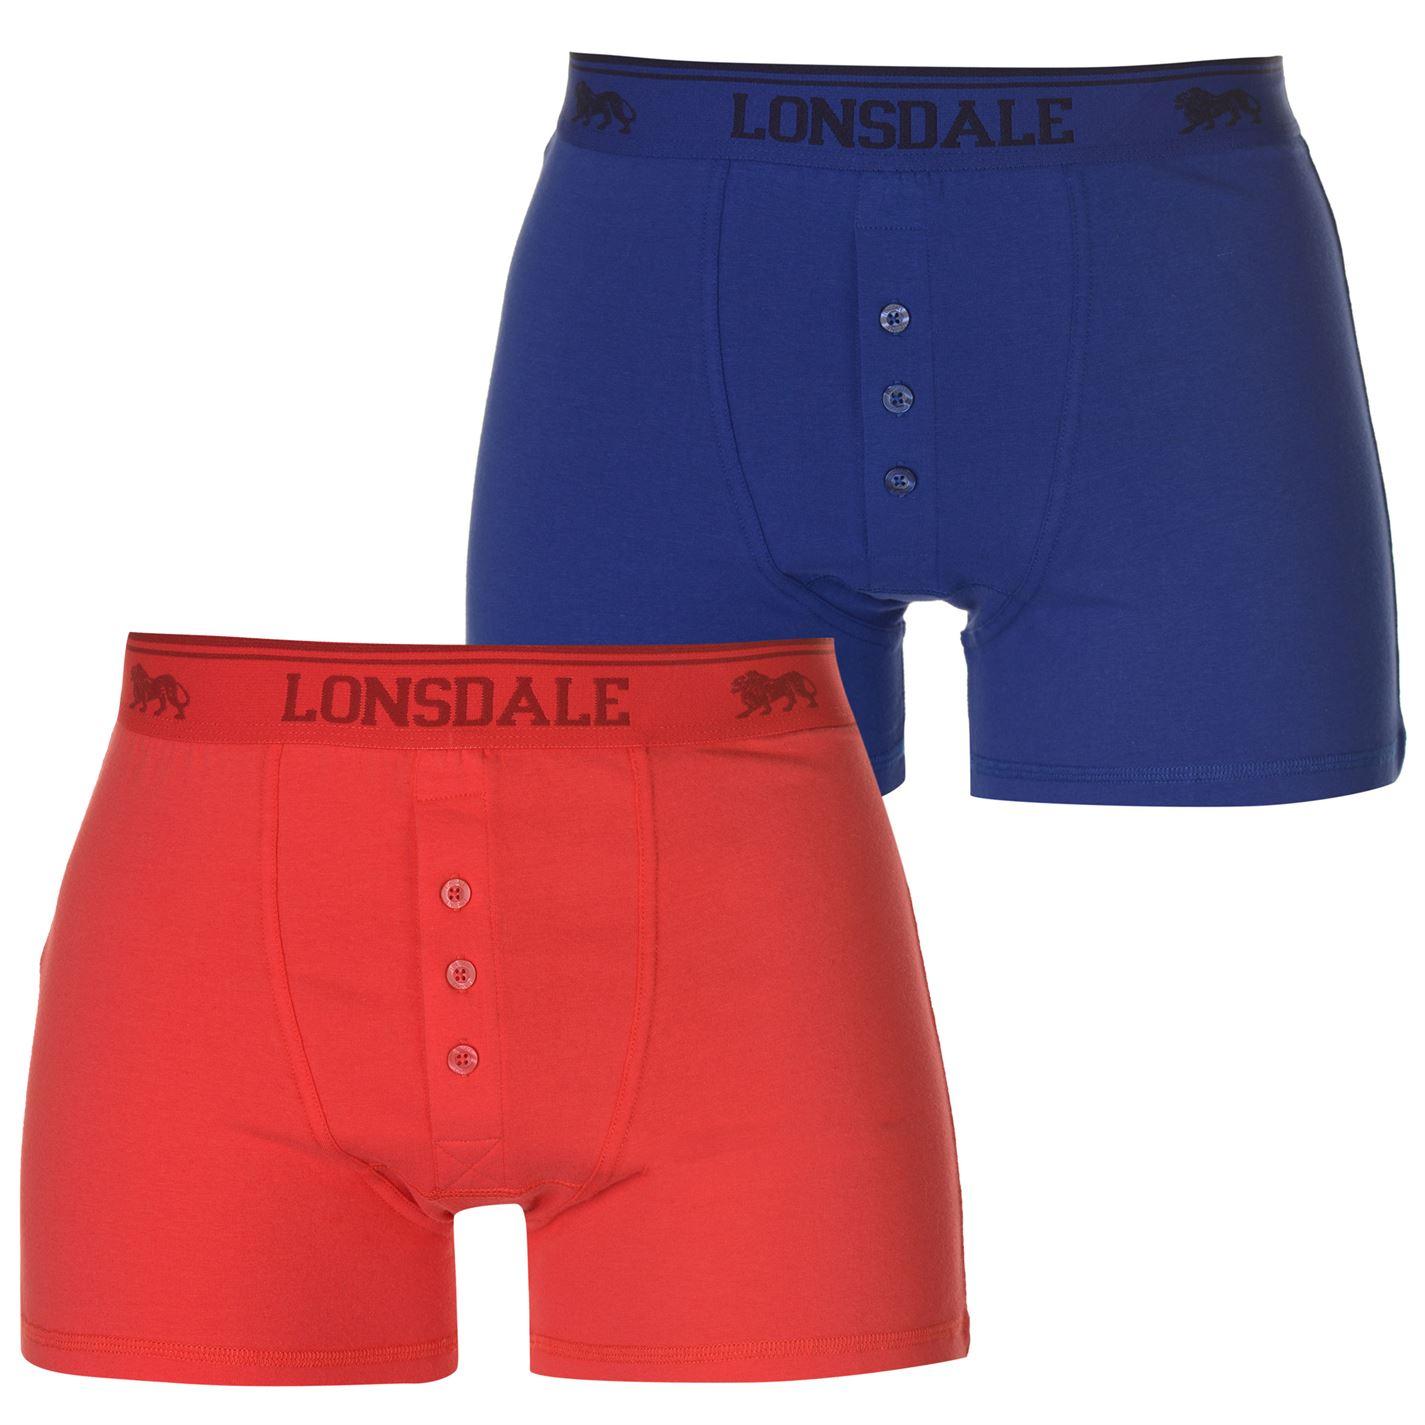 Lonsdale 2 Pack Boxers pánské